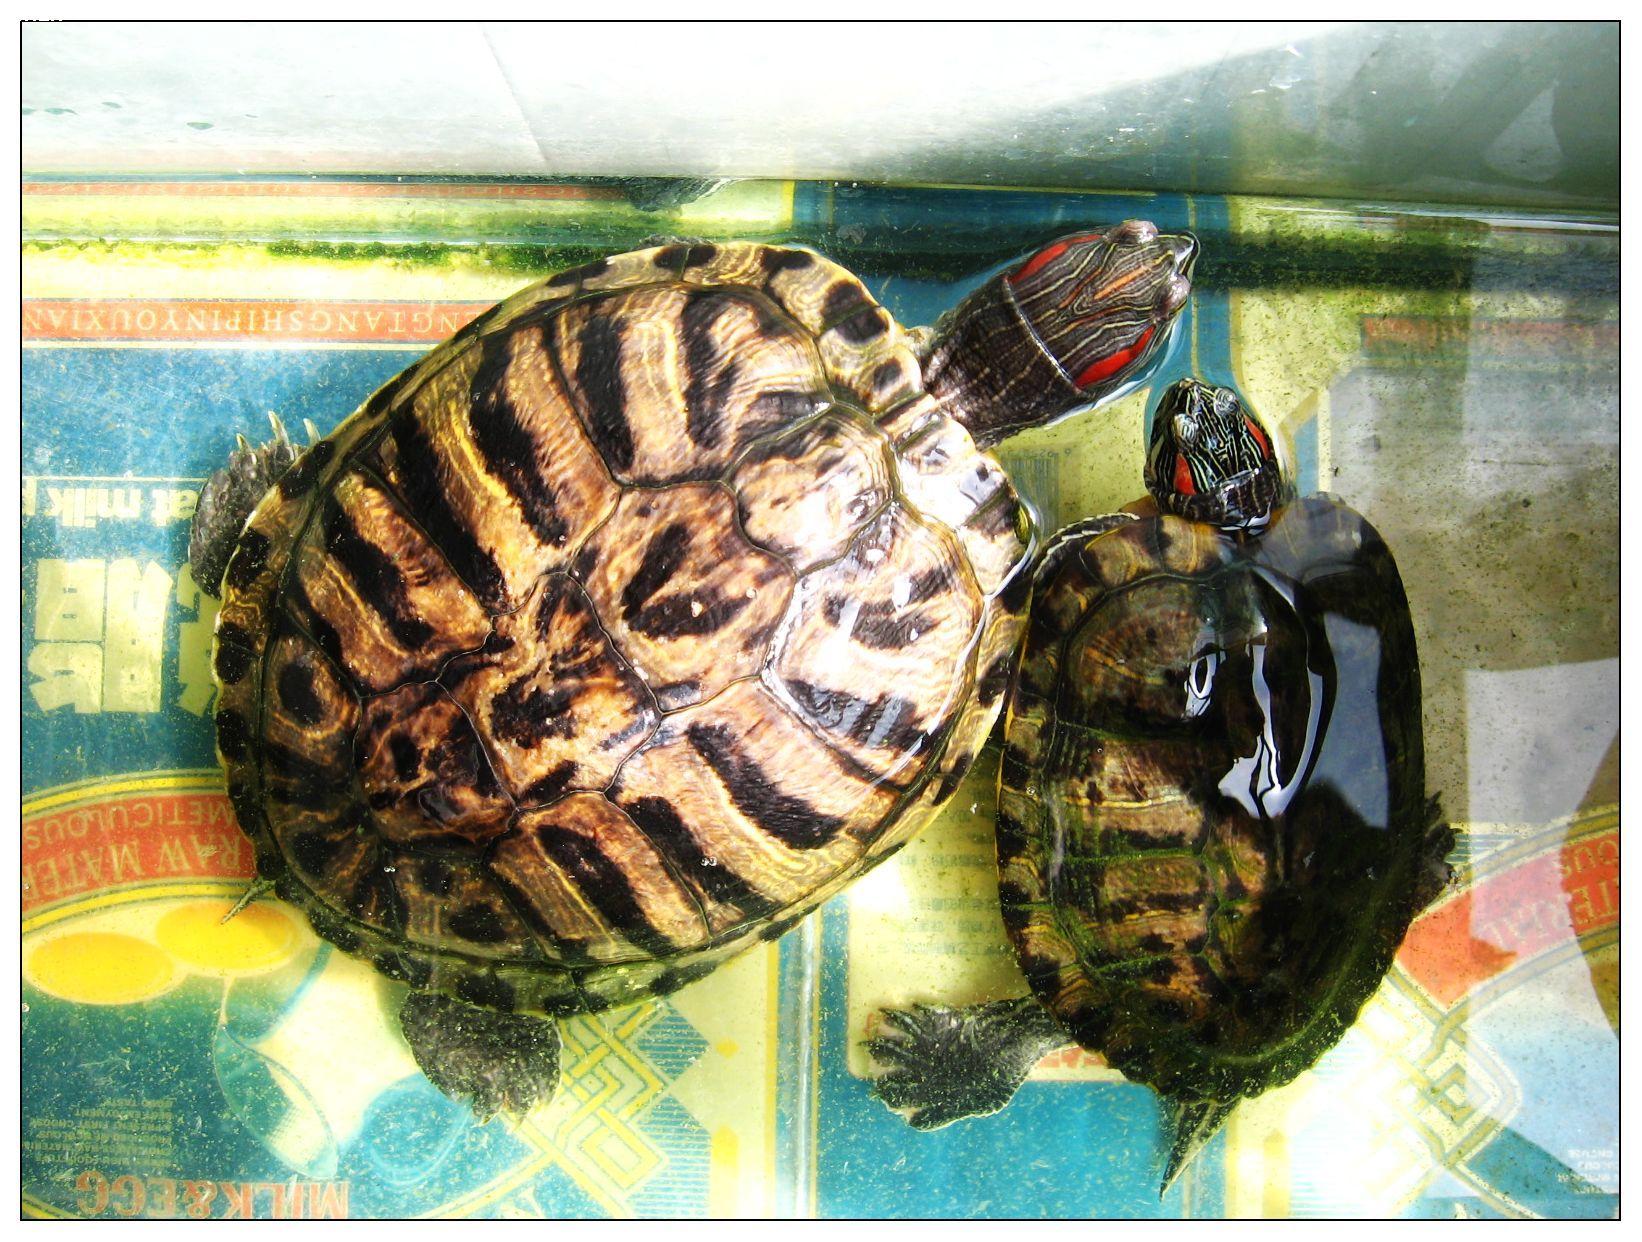 【巴西龟】- 论坛-zol中关村在线